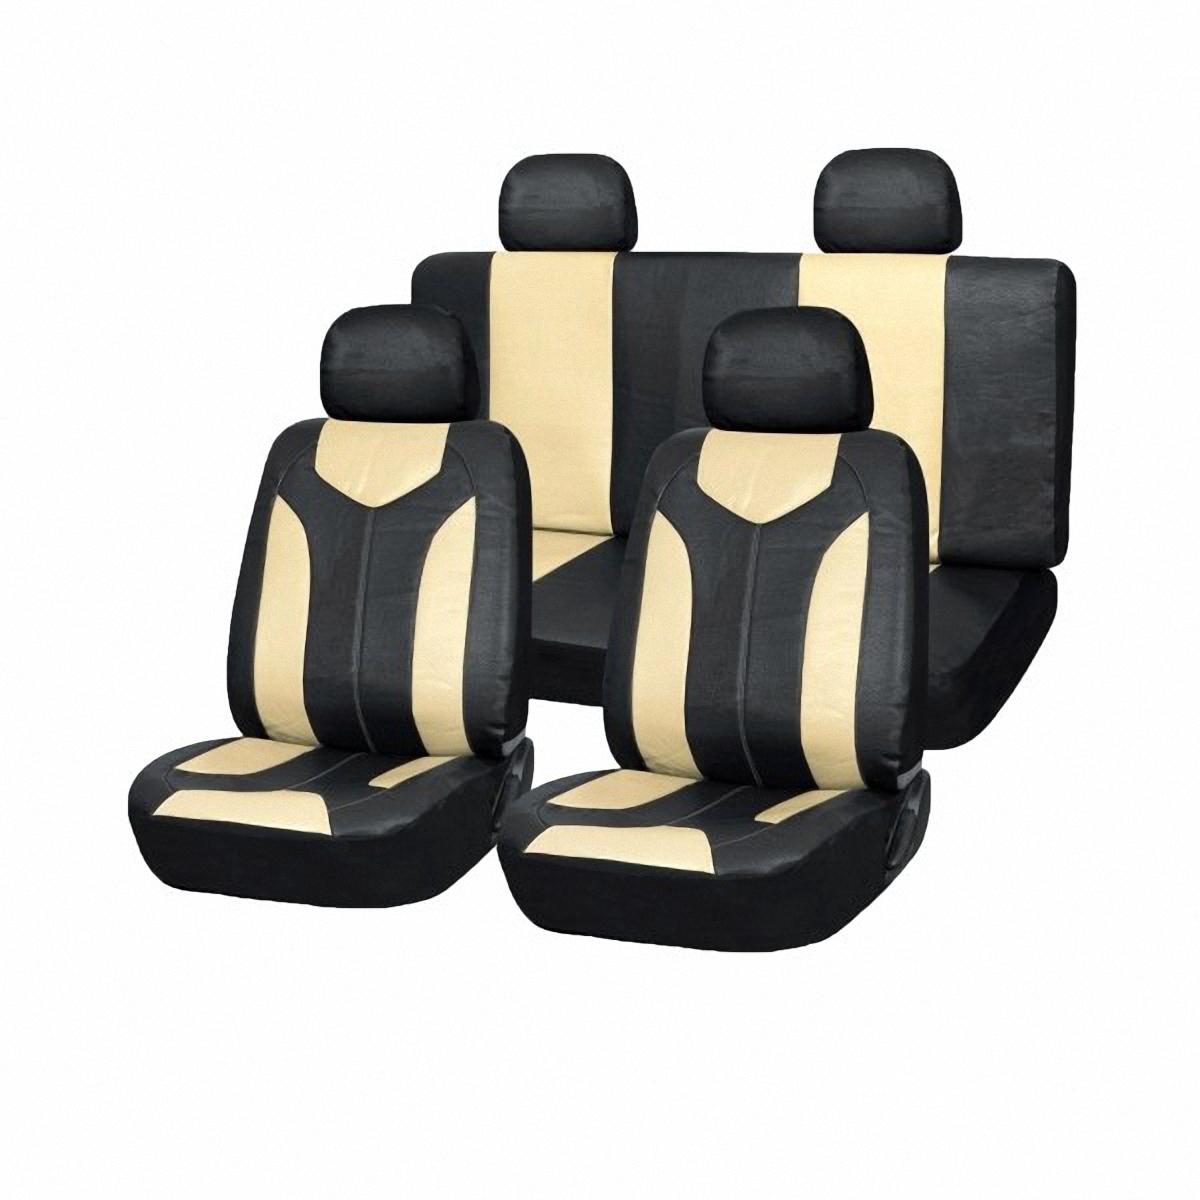 Чехлы автомобильные Skyway. SW-121005 BK/BE S/S01301010SW-121005 BK/BE S/S01301010Вам не хватает уюта и комфорта в салоне? Самый лучший способ изменить это – «одеть» ваши сидения в чехлы SKYWAY. Изготовленные из прочного материала они защитят ваш салон от износа и повреждений. Более плотный поролон позволяет чехлам полностью прилегать к сидению автомобиля и меньше растягиваться в процессе использования. Ткань чехлов на сиденья SKYWAY не вытягивается, не истирается, великолепно сохраняет форму, устойчива к световому и тепловому воздействию, а ровные, крепкие швы не разойдутся даже при сильном натяжении.